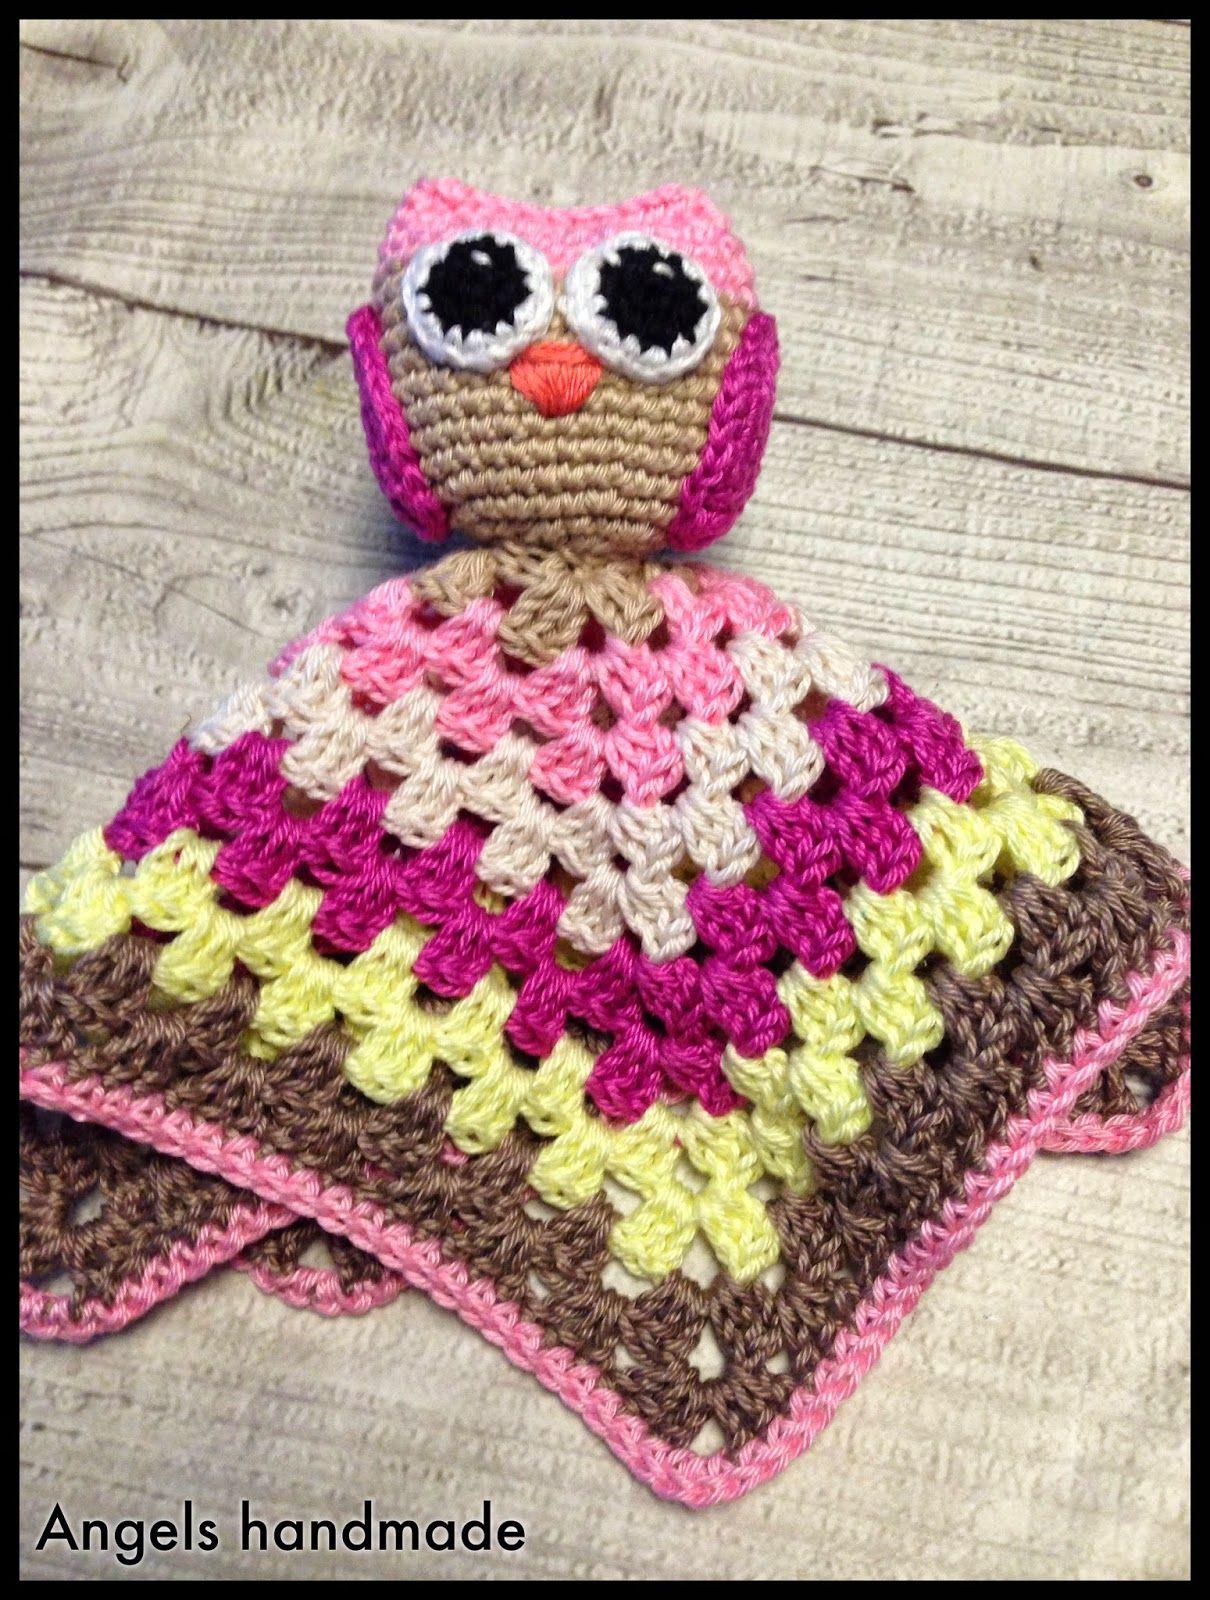 Gehaakte uilen knuffeldoekje gratis patroon crochet owl baby gehaakte uilen knuffeldoekje gratis patroon crochet owl baby kuddle blanket free pattern bankloansurffo Image collections